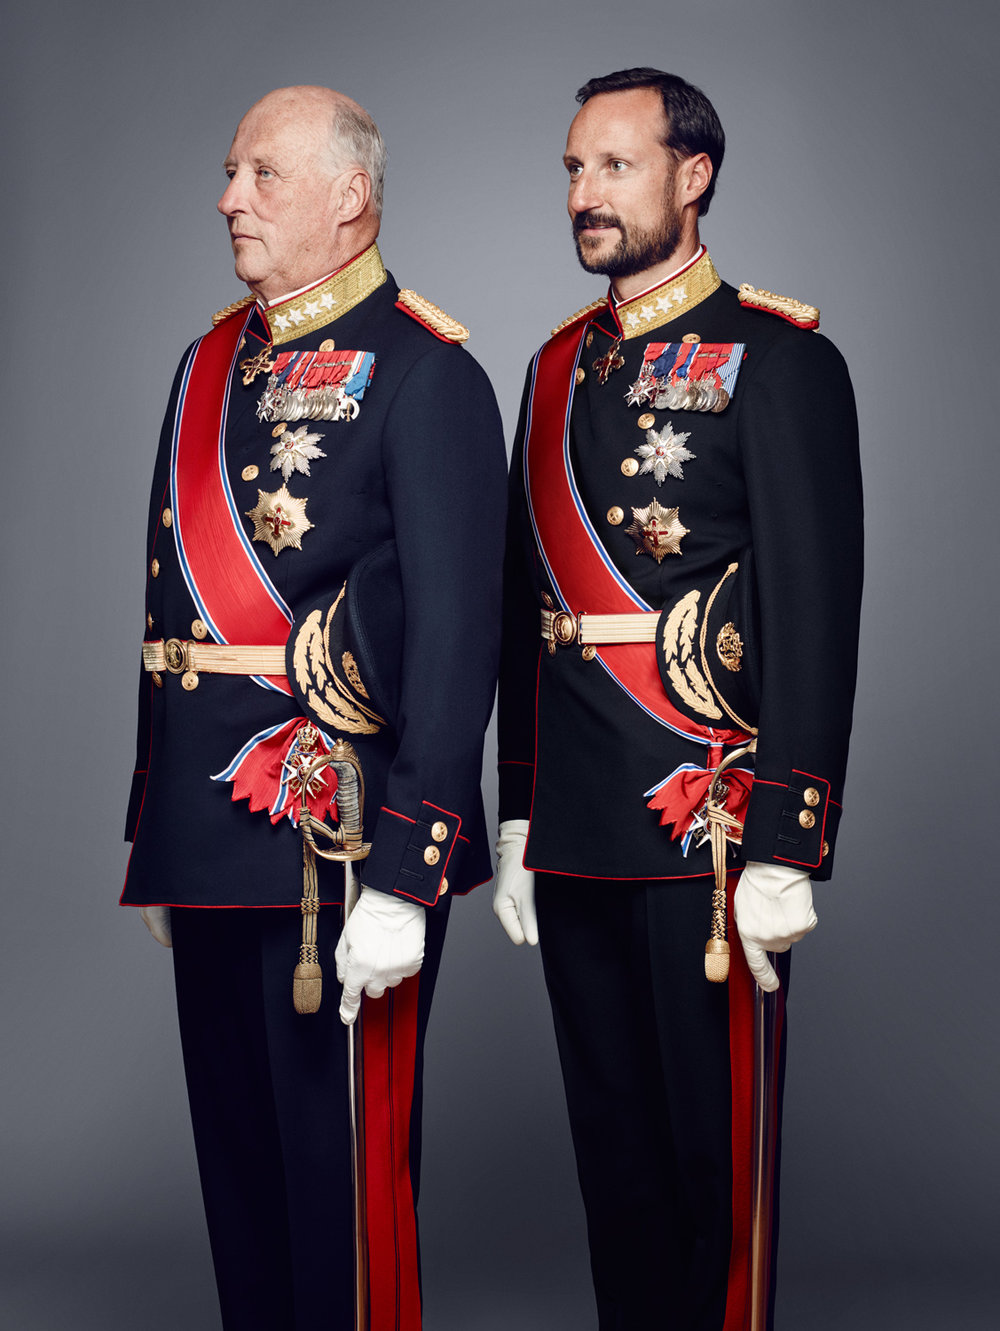 kongehuset portretter0537 1.jpg